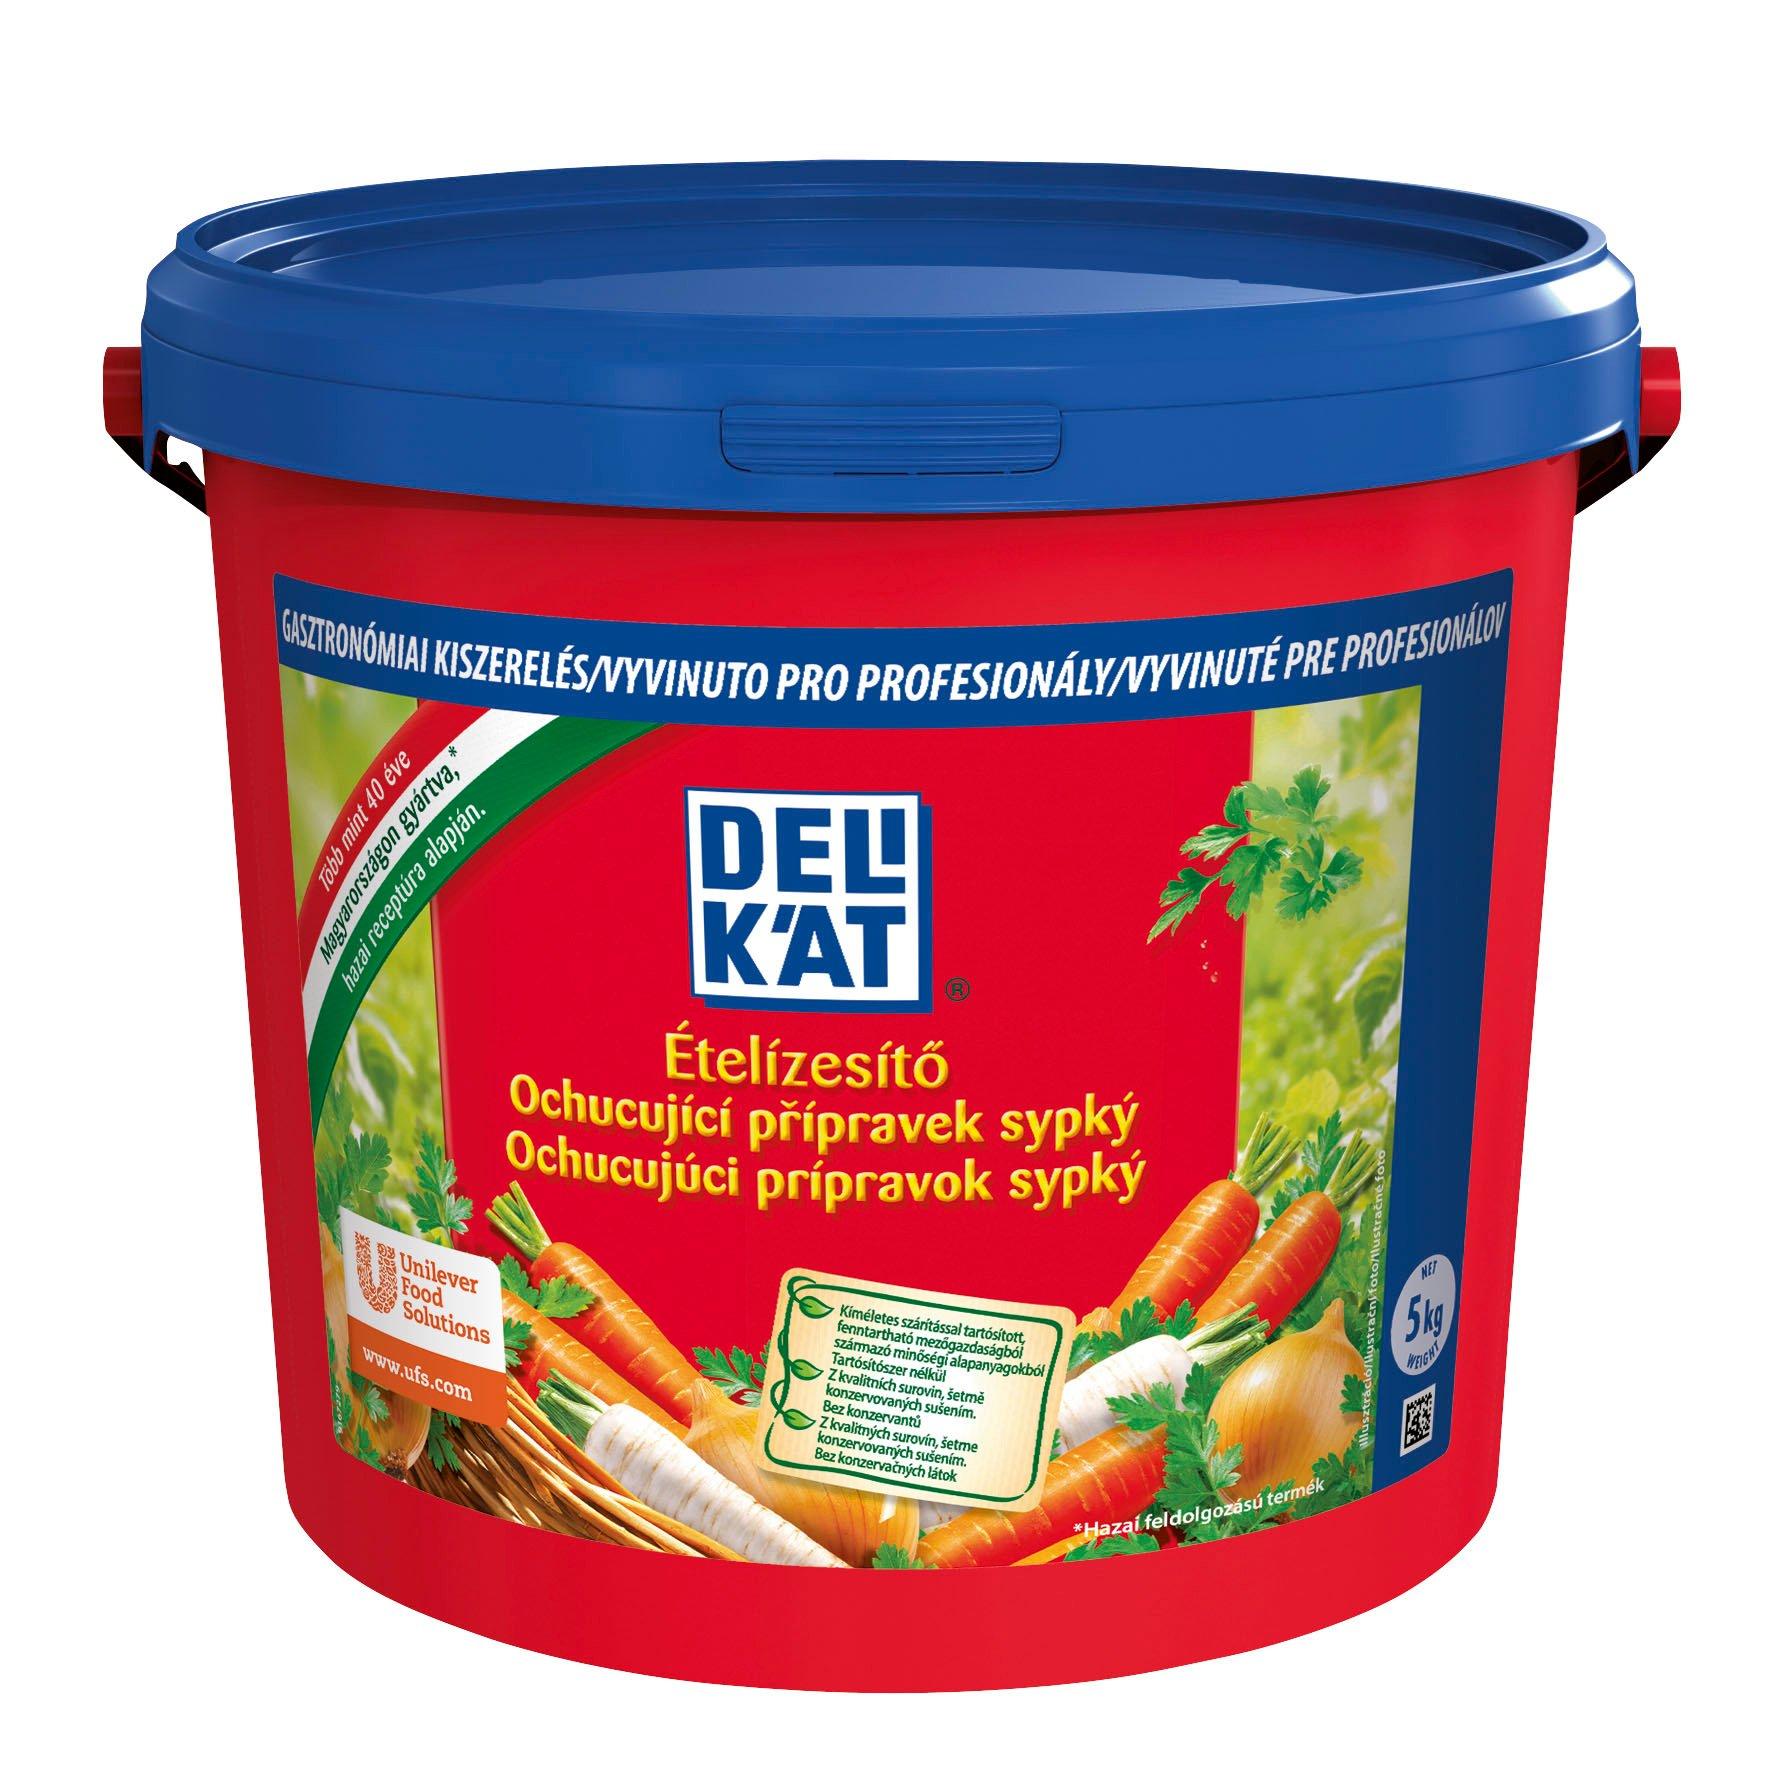 Delikát Ételízesítő 5 kg -